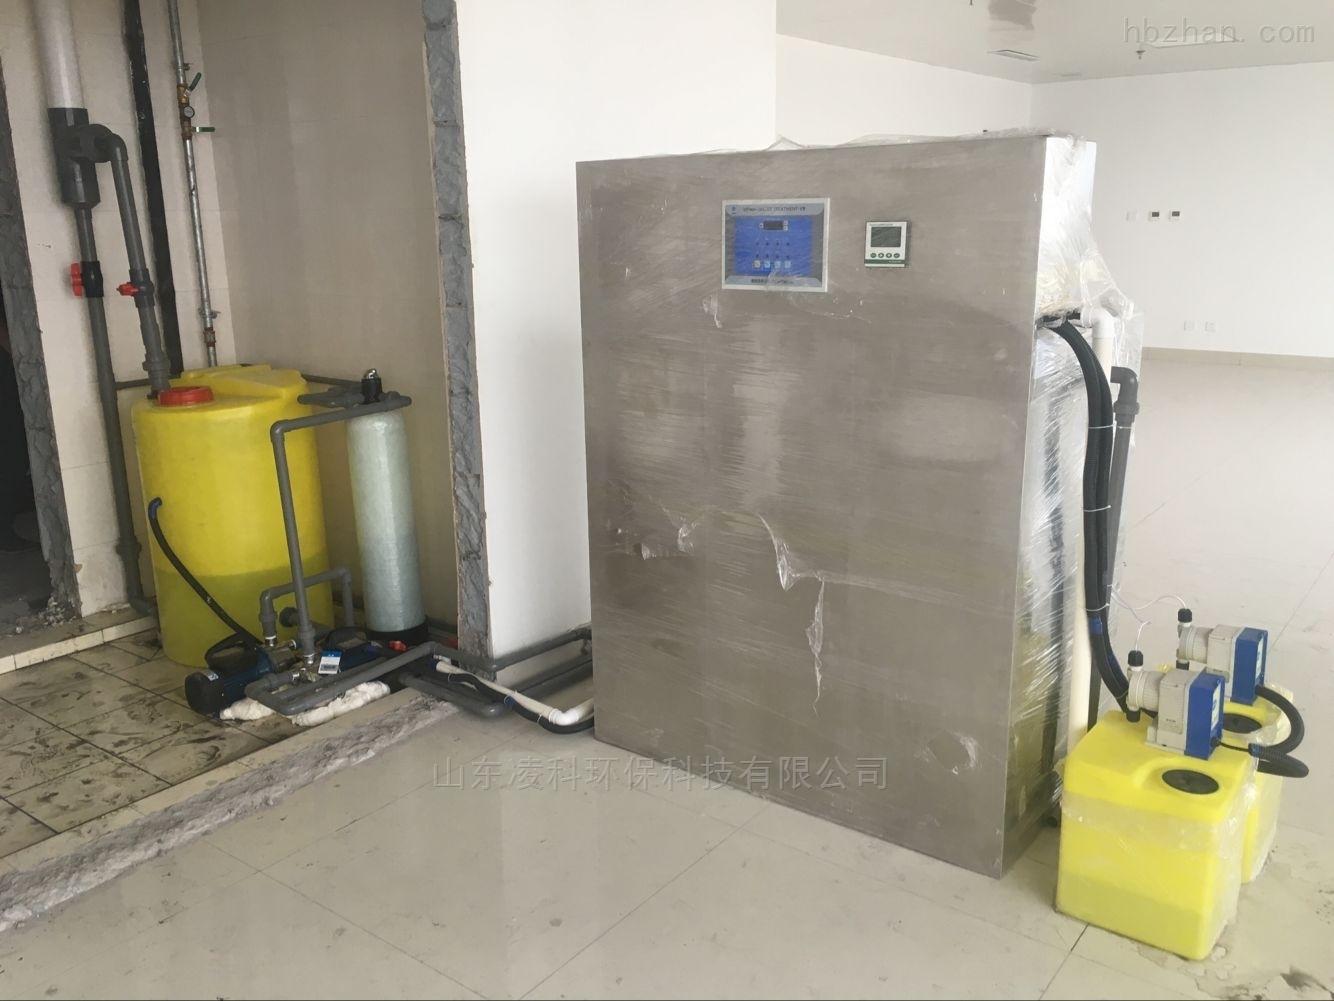 丽水化验室废水处理设备铸造辉煌